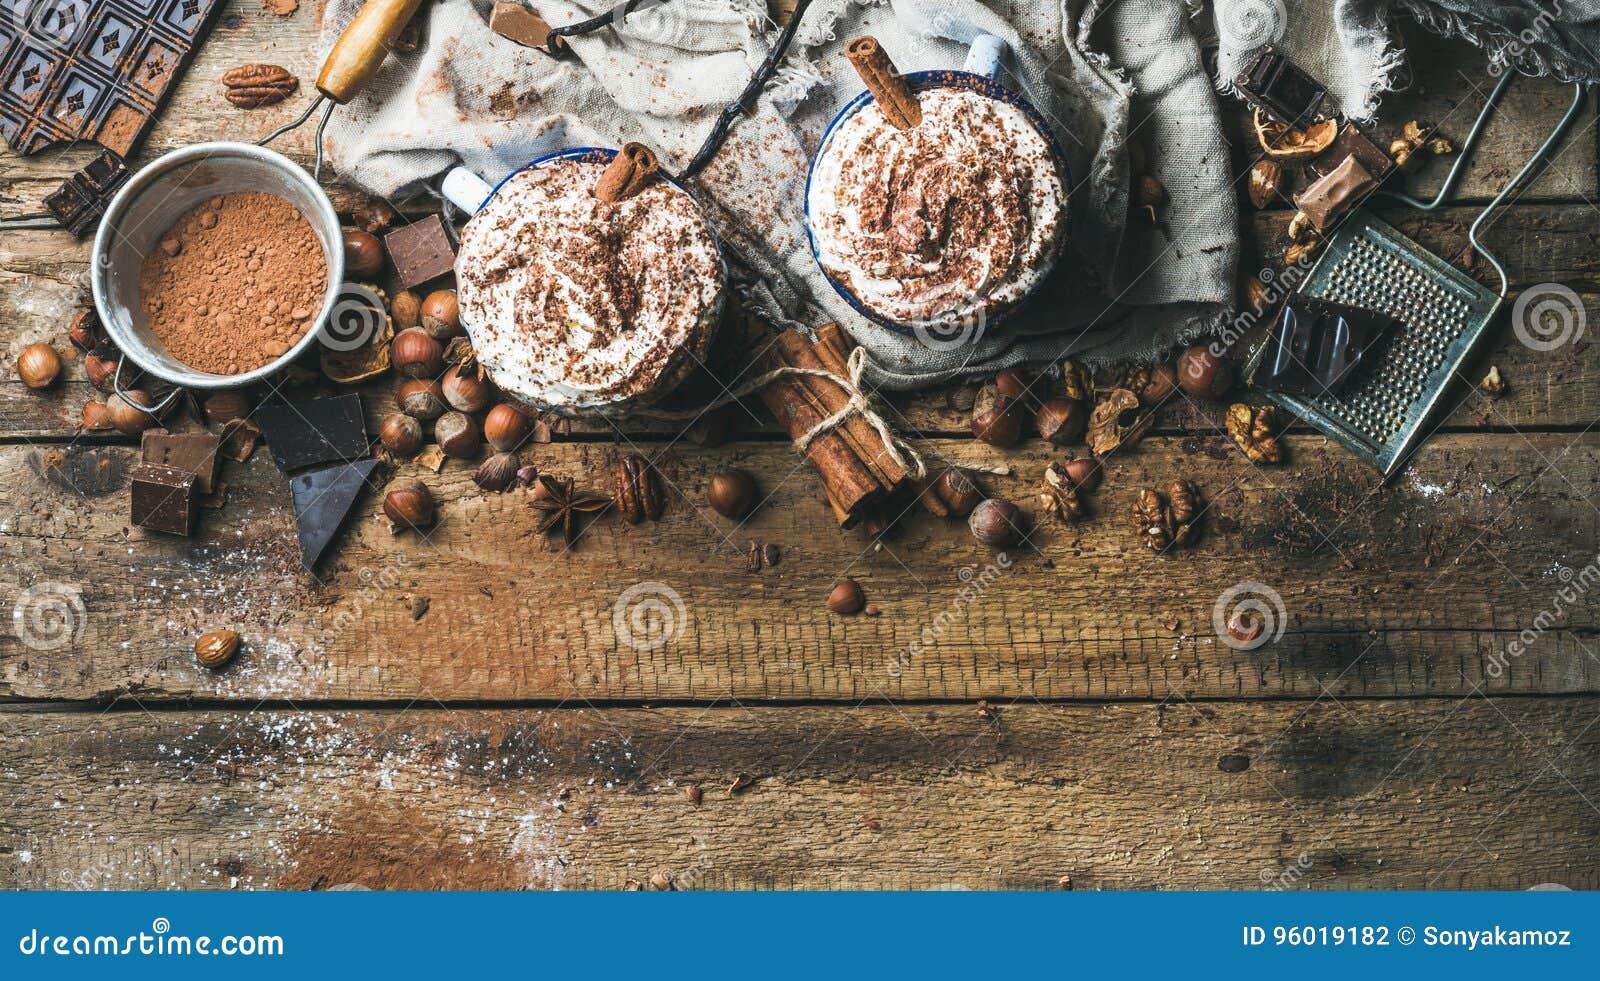 Chocolate quente com chantiliy, porcas, especiarias e pó de cacau